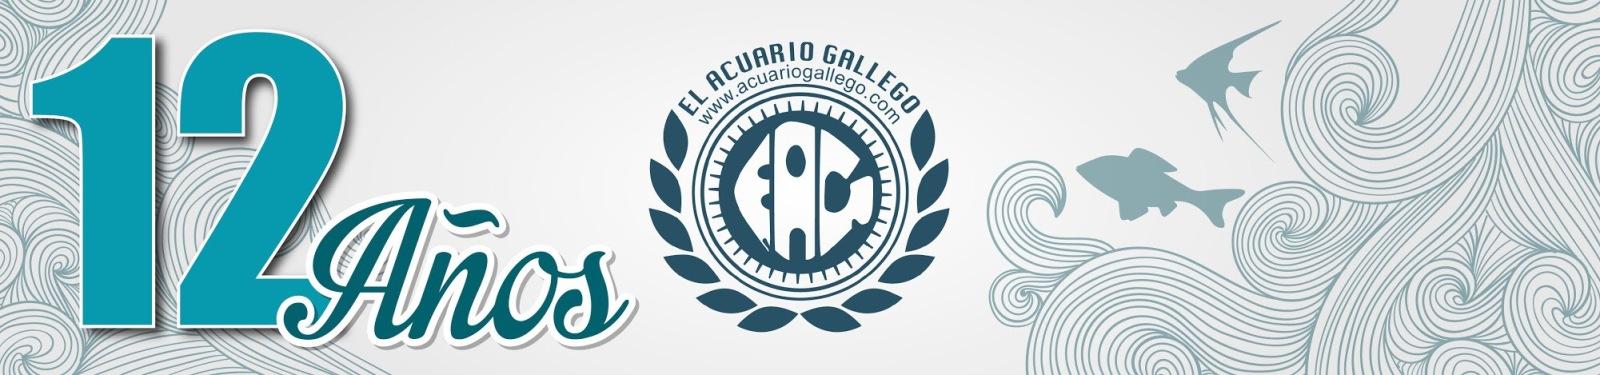 El Acuario Gallego